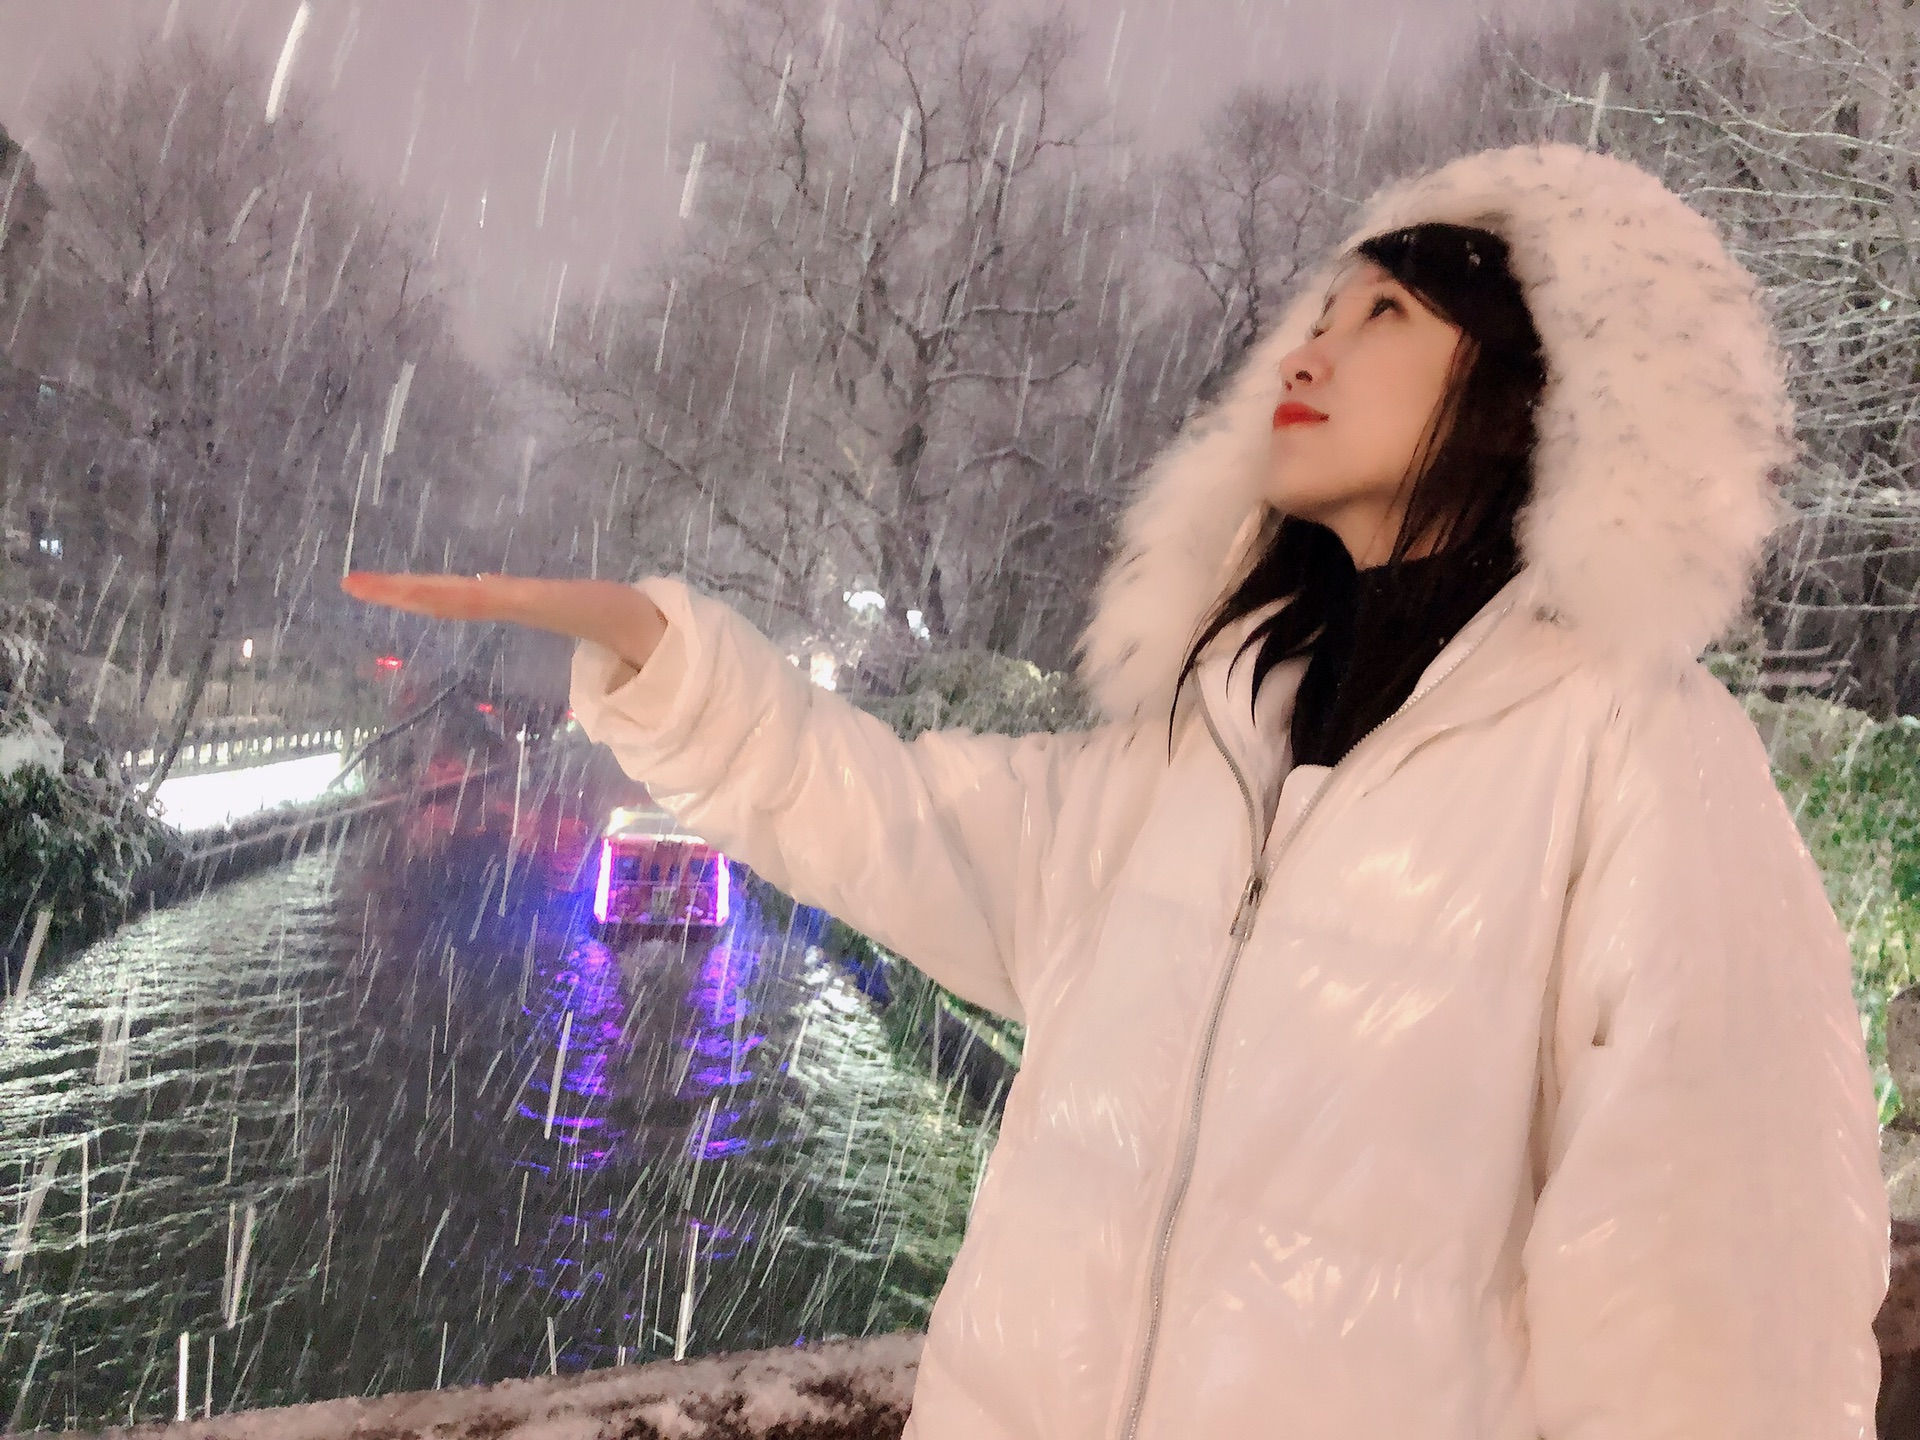 冬季到南方来看雪之金陵